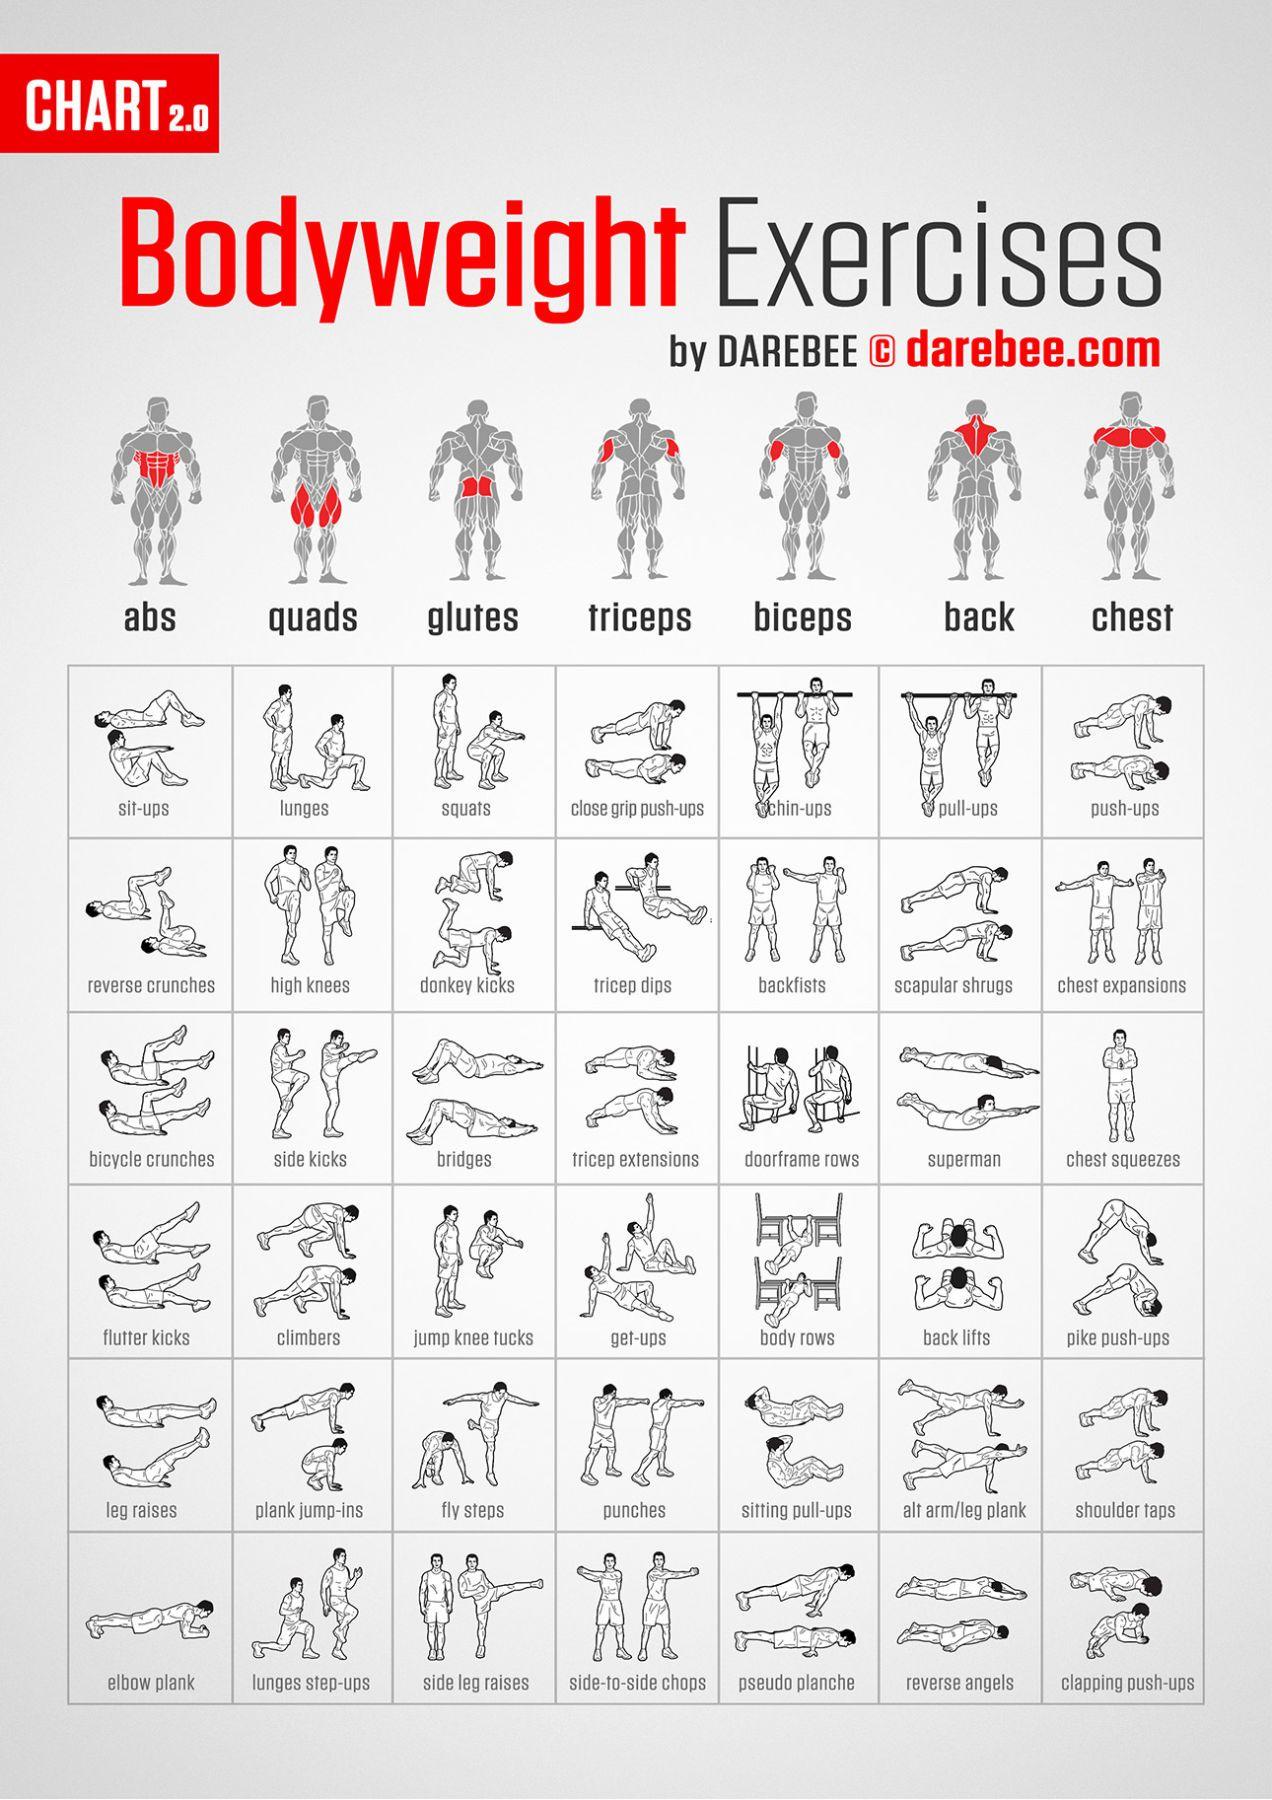 Trabaja todos los músculos de tu cuerpo con esta sencilla tabla de ejercicios que aprovechan tu propio peso